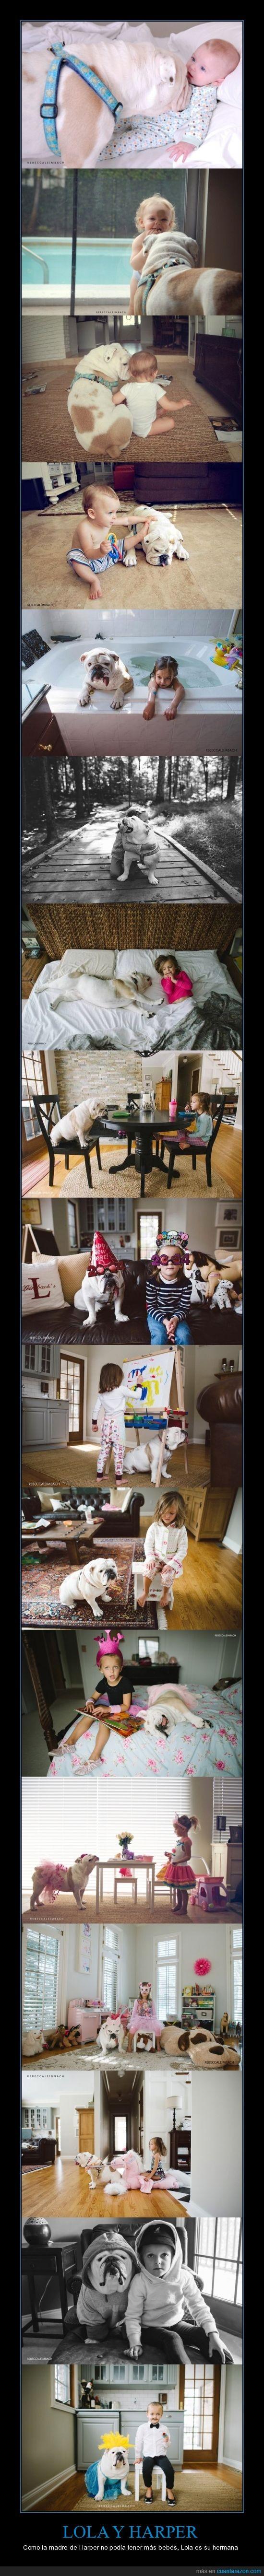 bebe,bulldog,crecer,harper,hermana,juntas,lola,perrro,rebeca leimbach